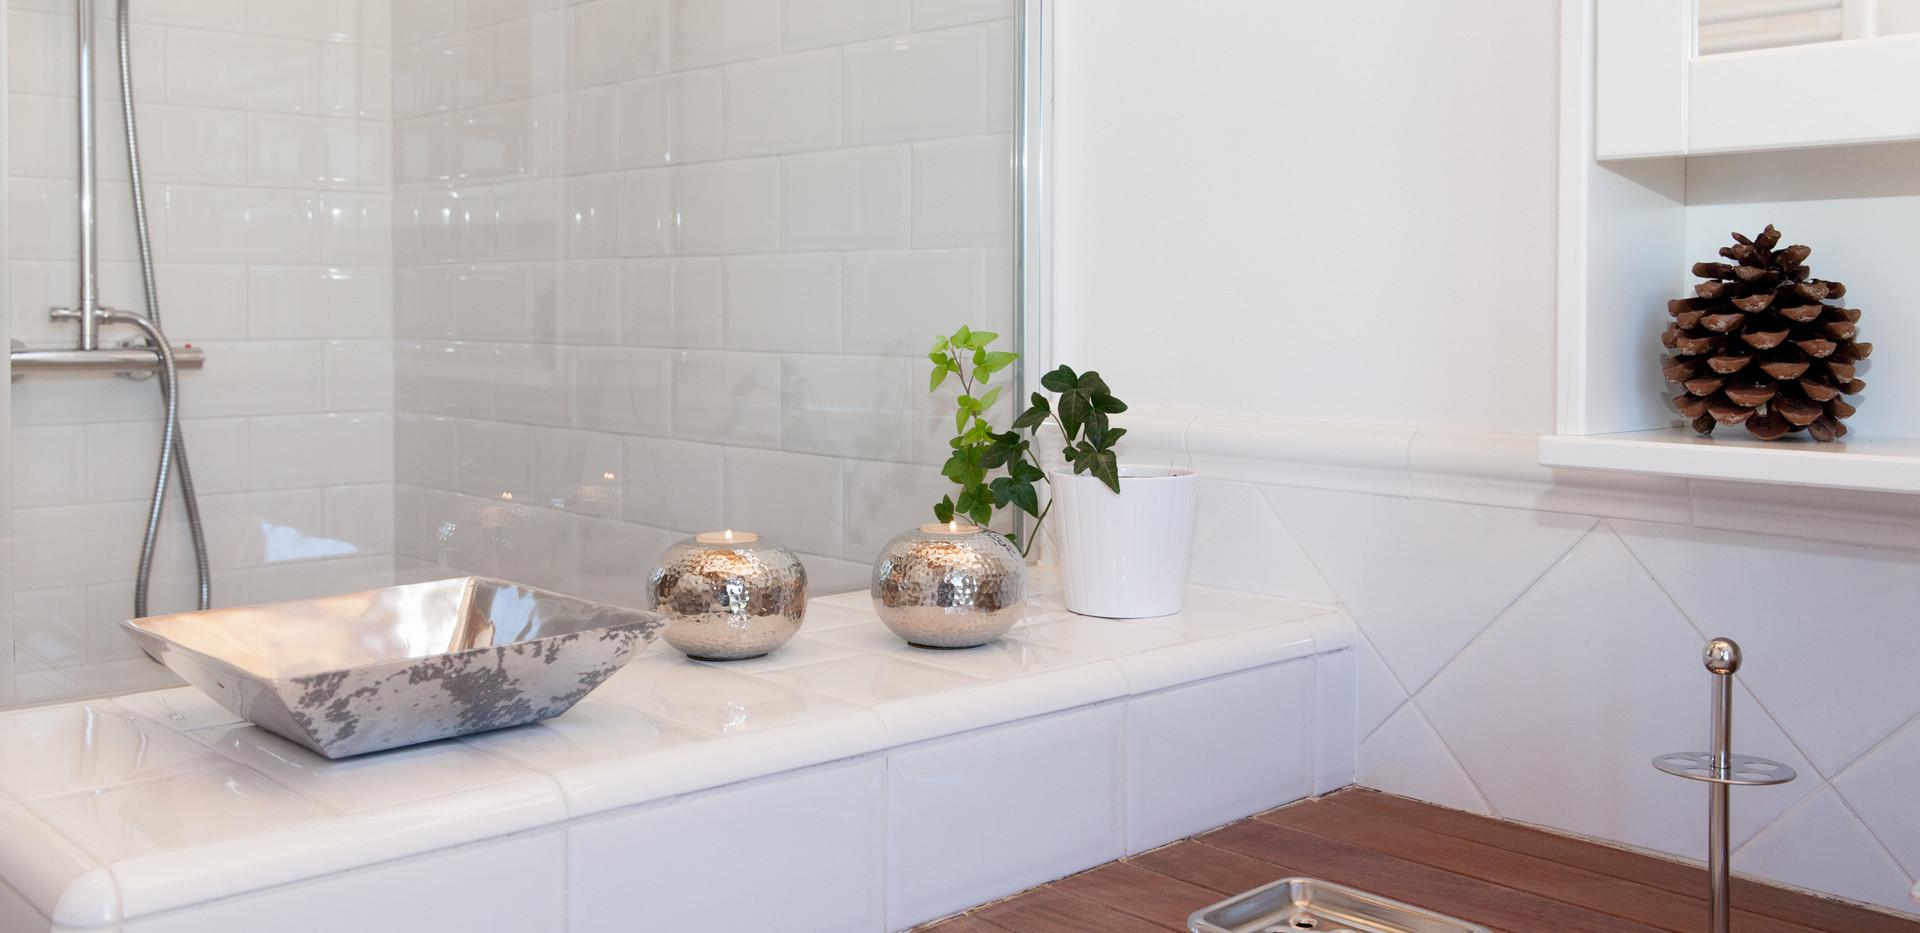 Baño planta 2ª